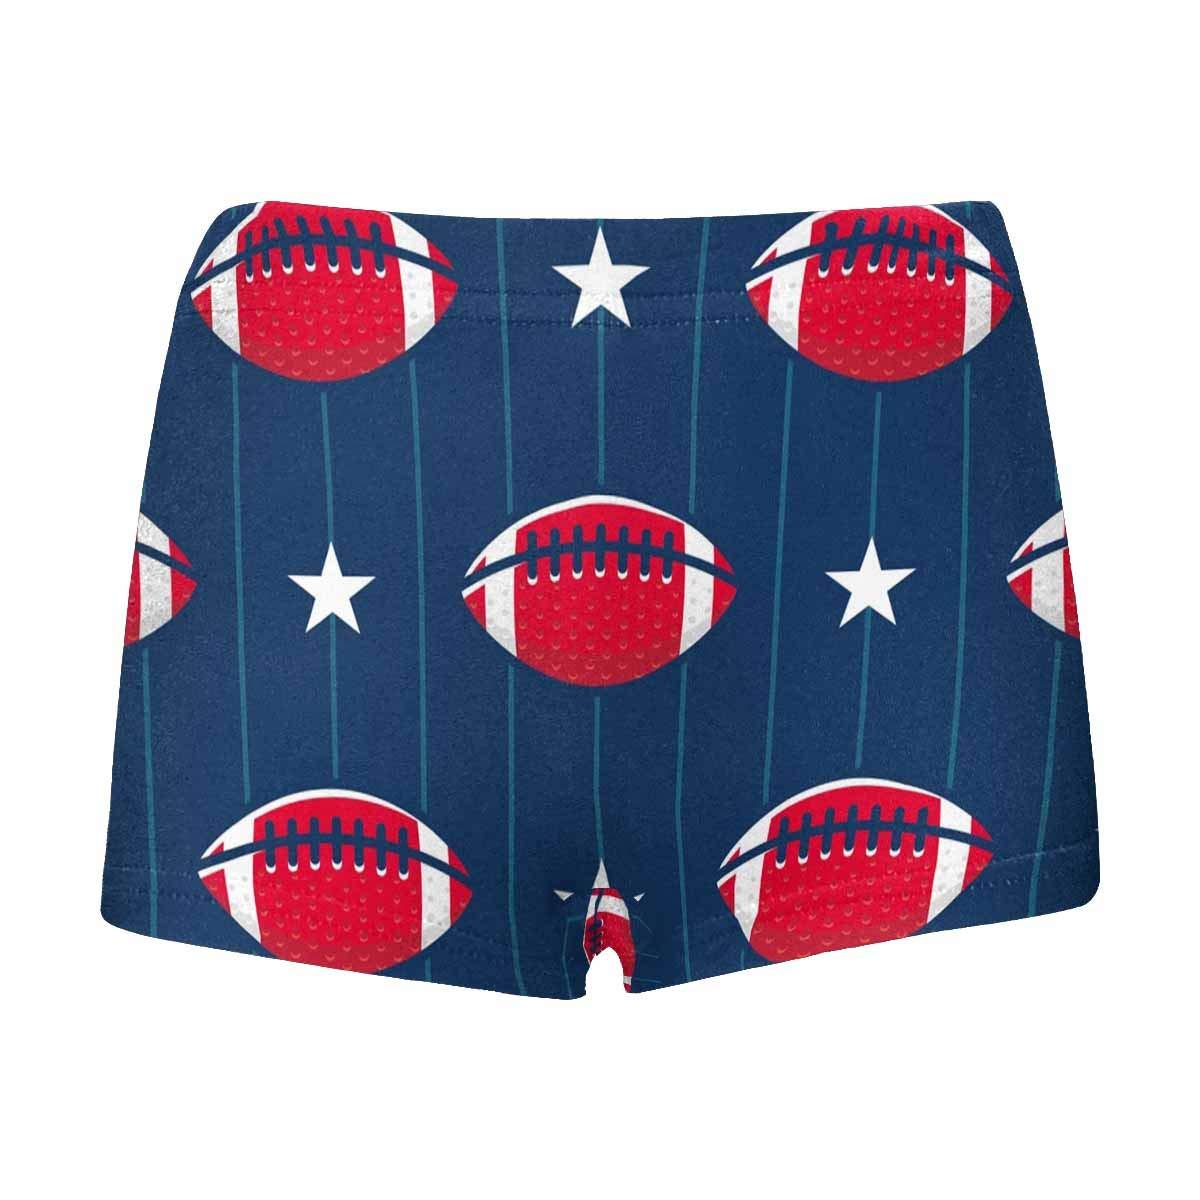 5T-2XL INTERESTPRINT Boys Red Baseball Boxer Brief Underwear